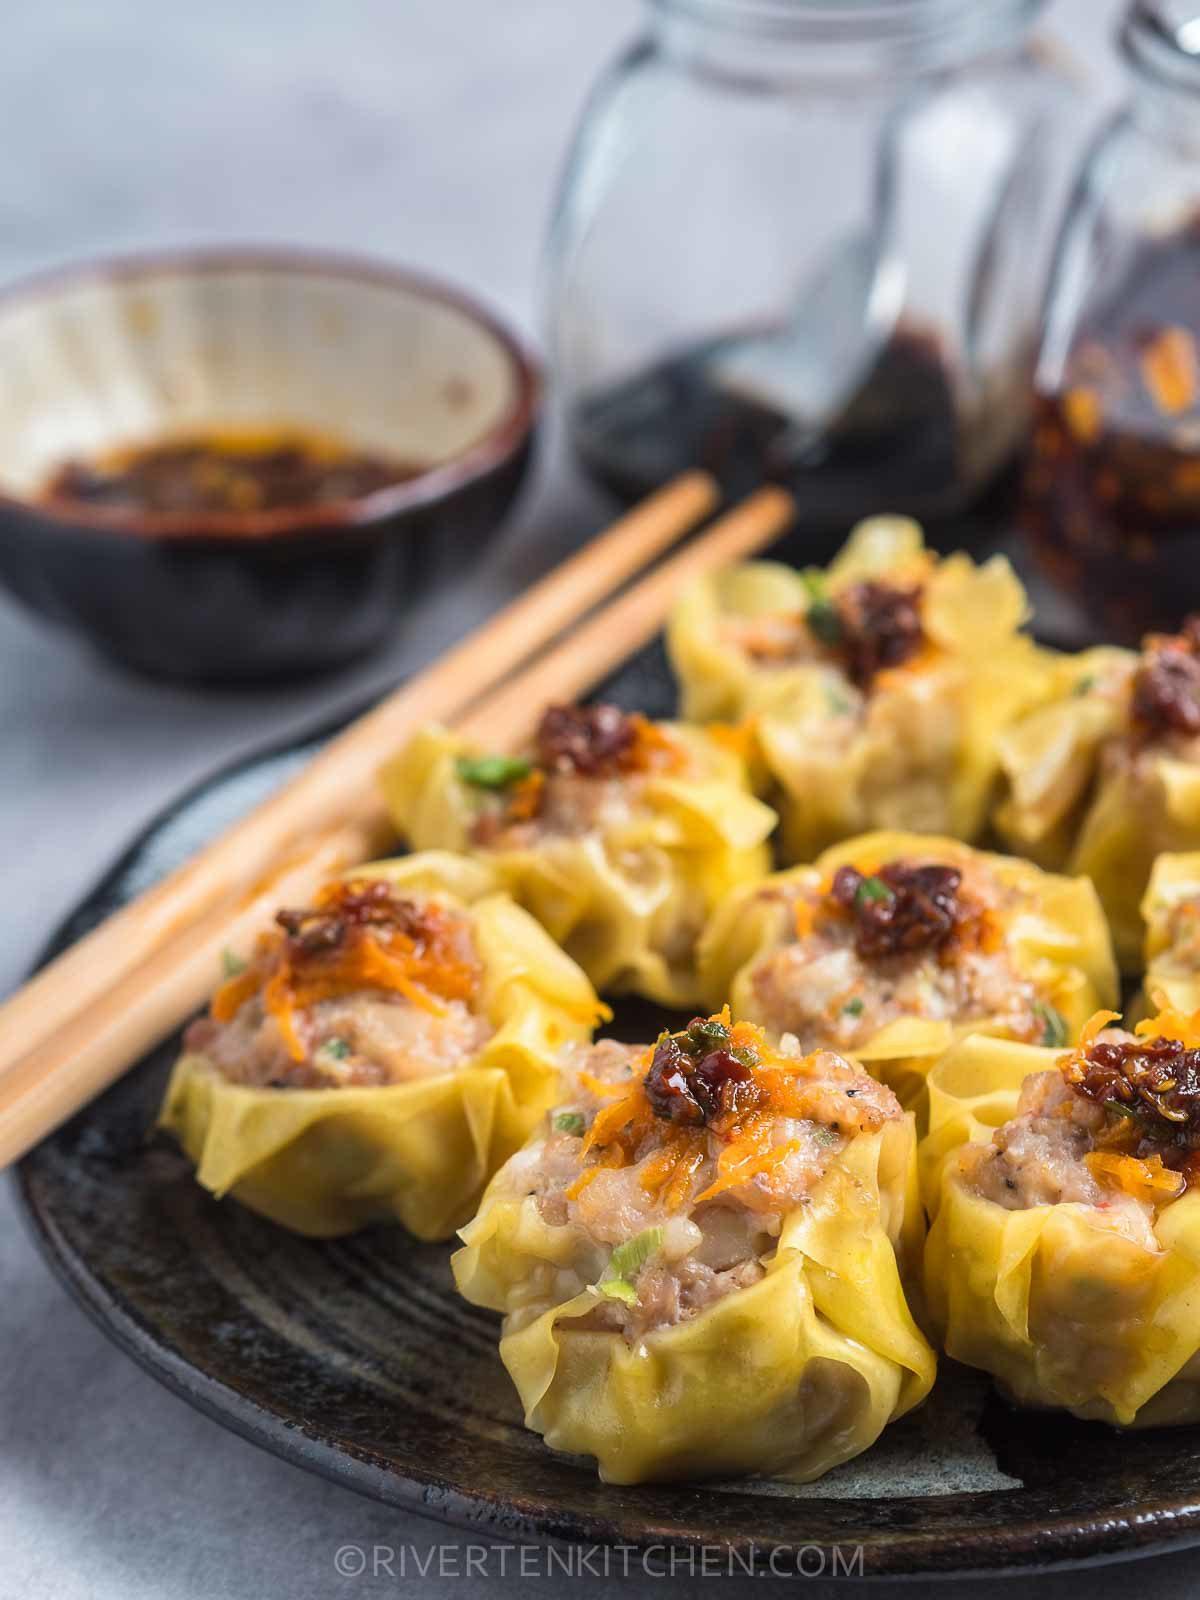 Shumai made of Pork and Shrimp